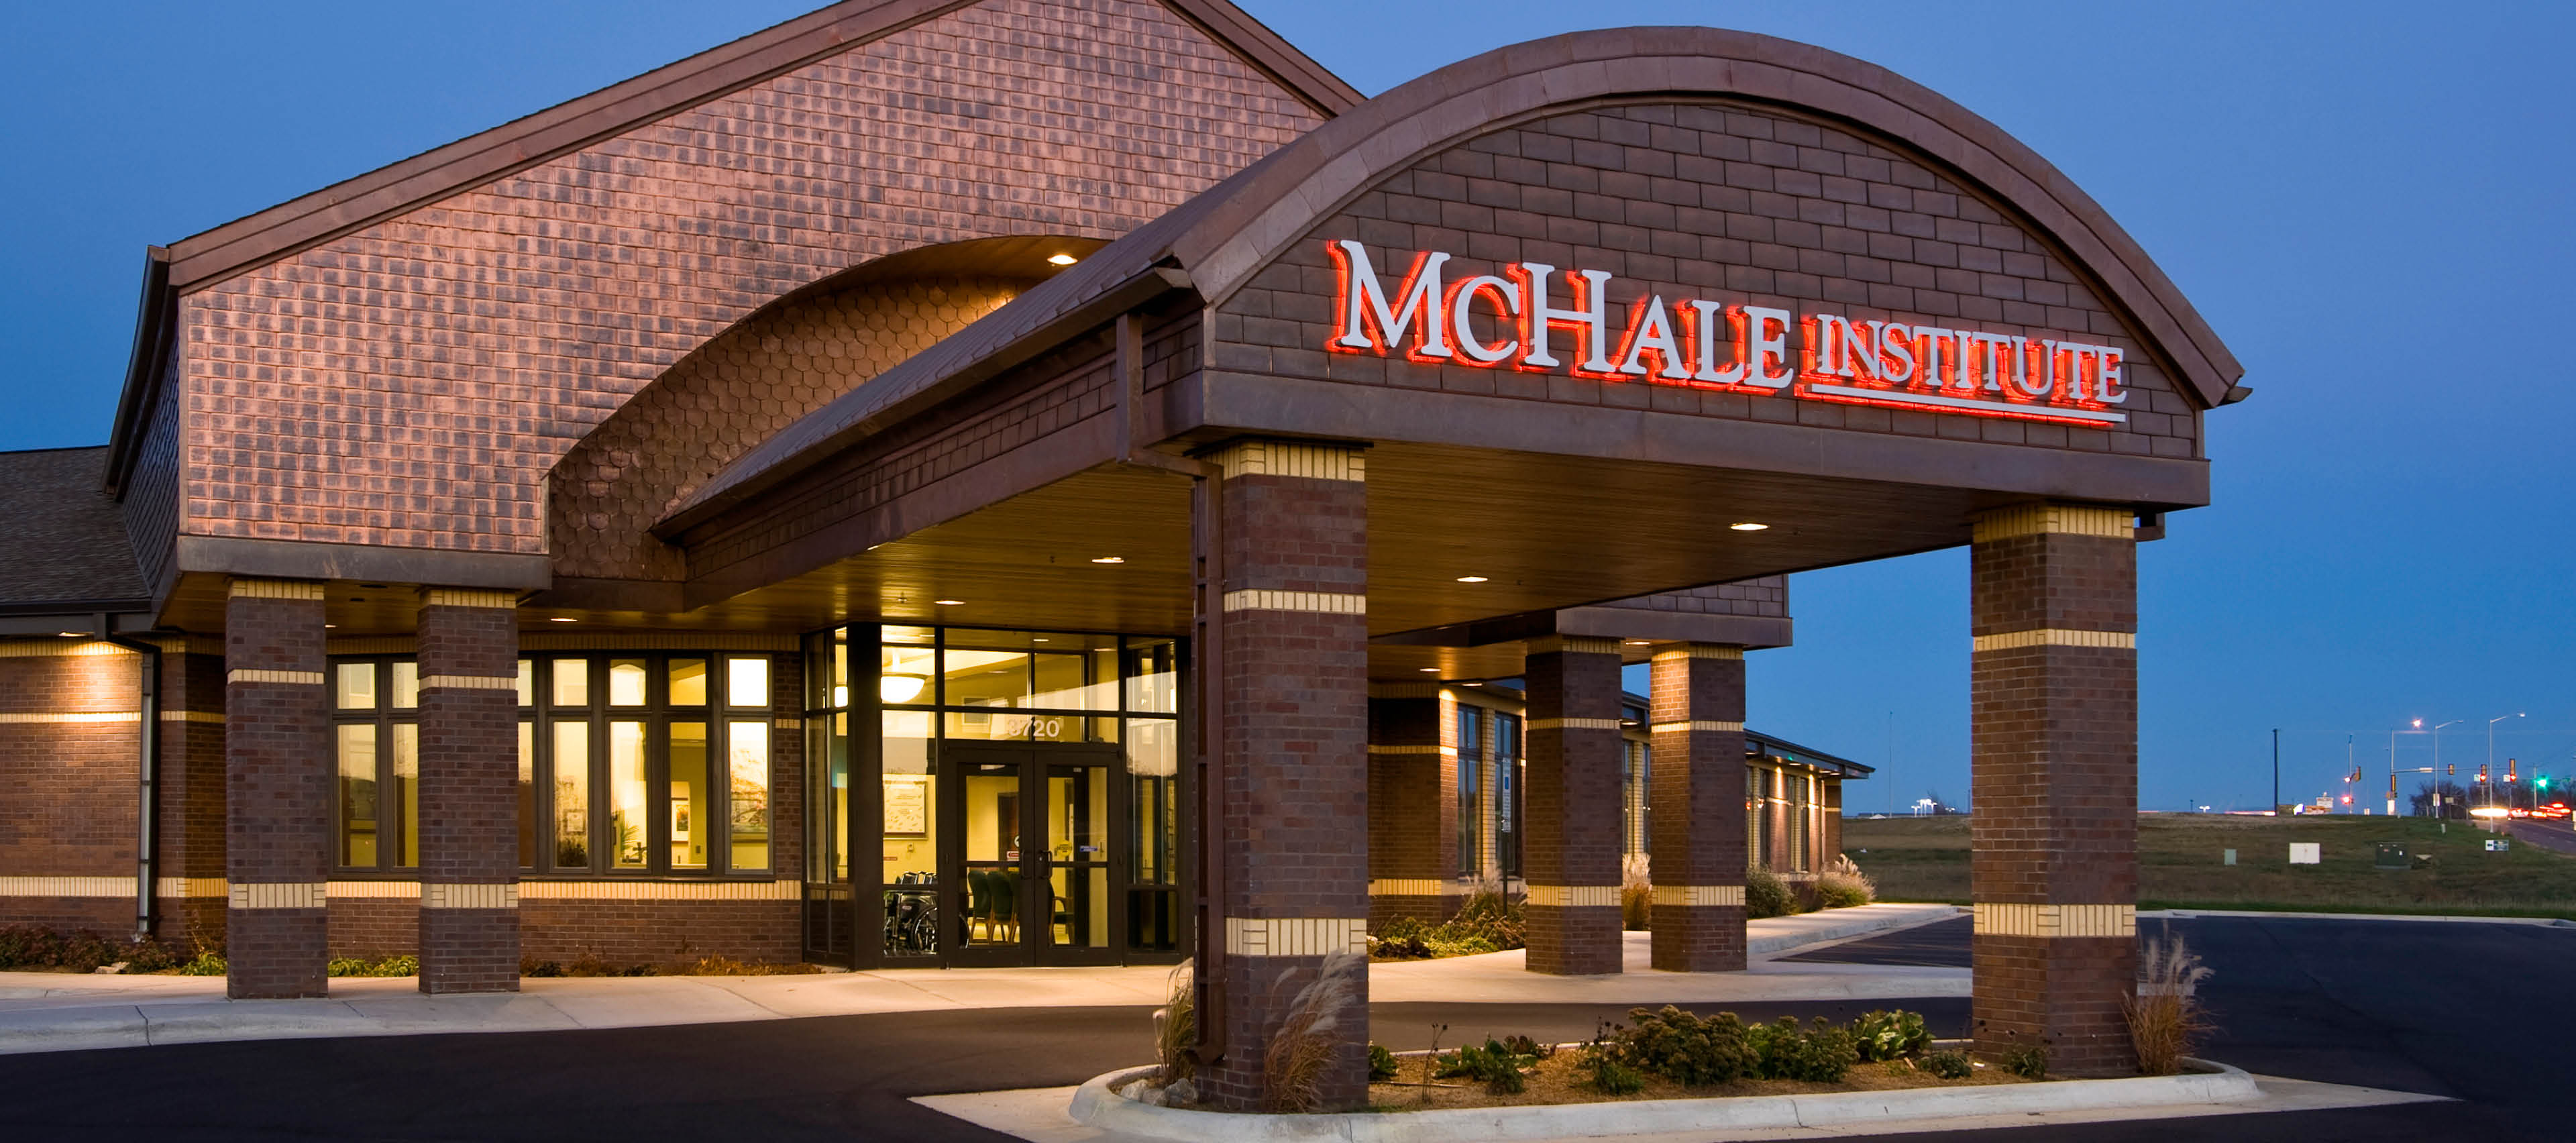 McHale Institute